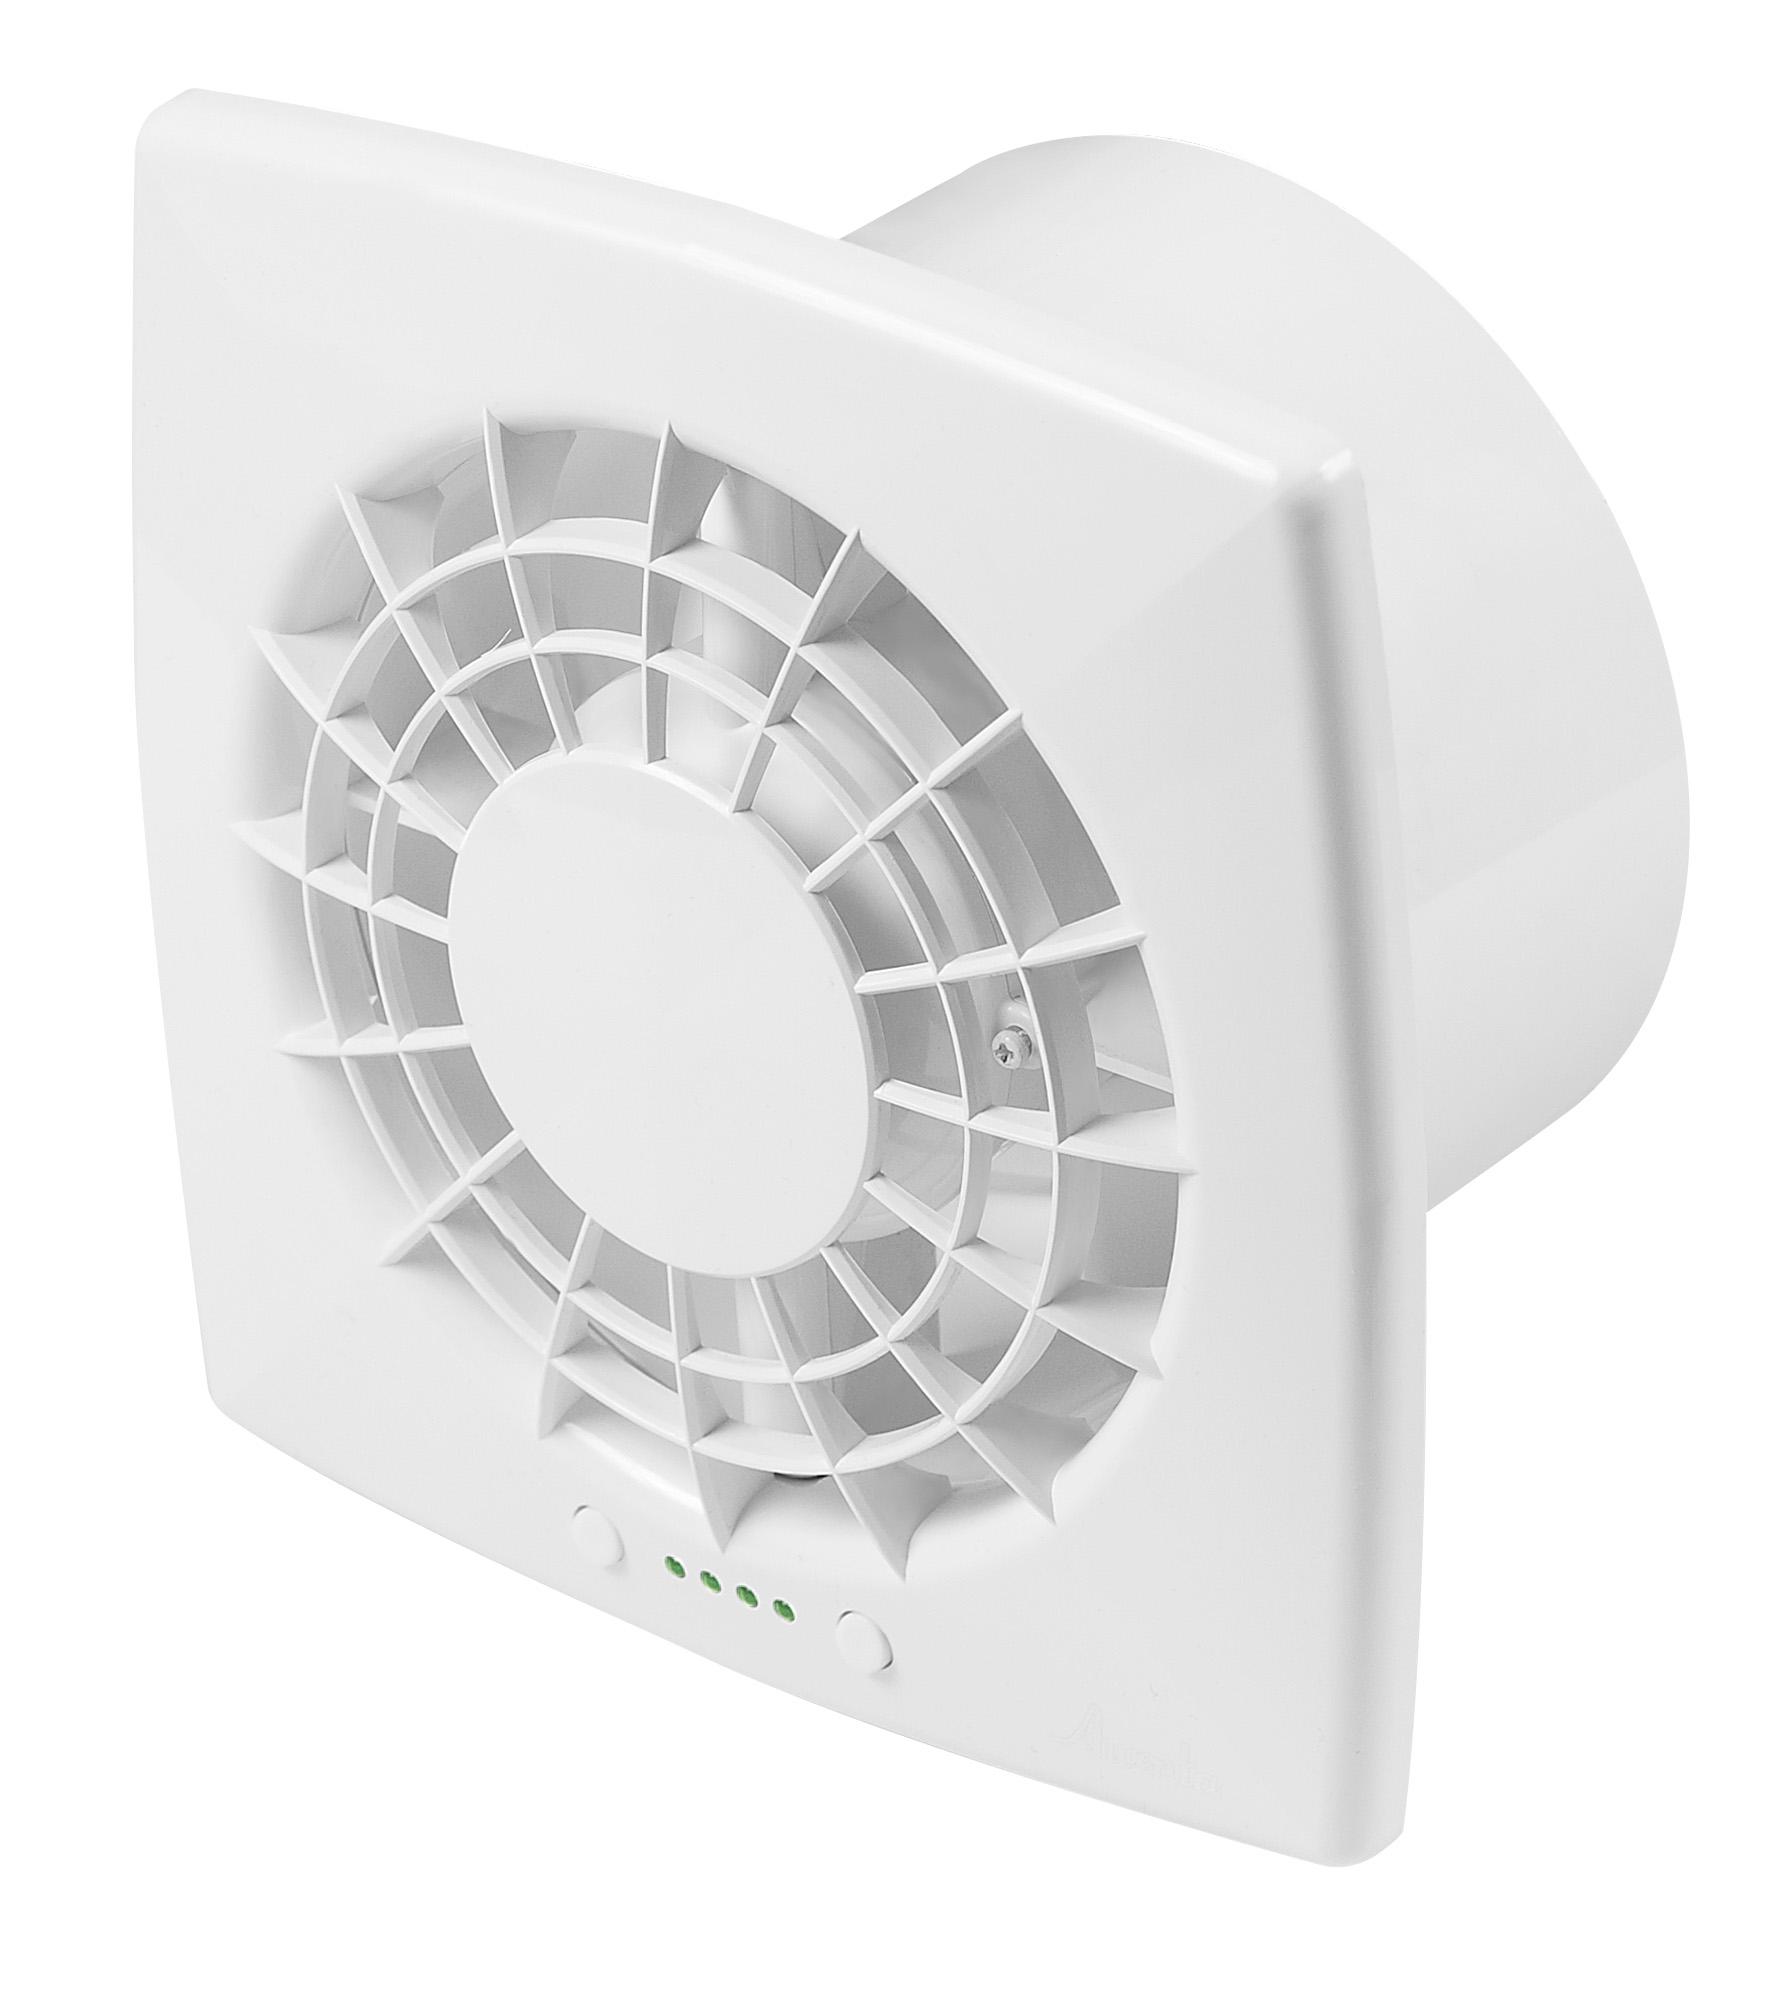 Регулятор скорости вращения вентилятора 220в схема – регулятор скорости вращения вентилятора на 220 в: схемы и принцип работы — мир антенн — спутниковое телевидение в бийске